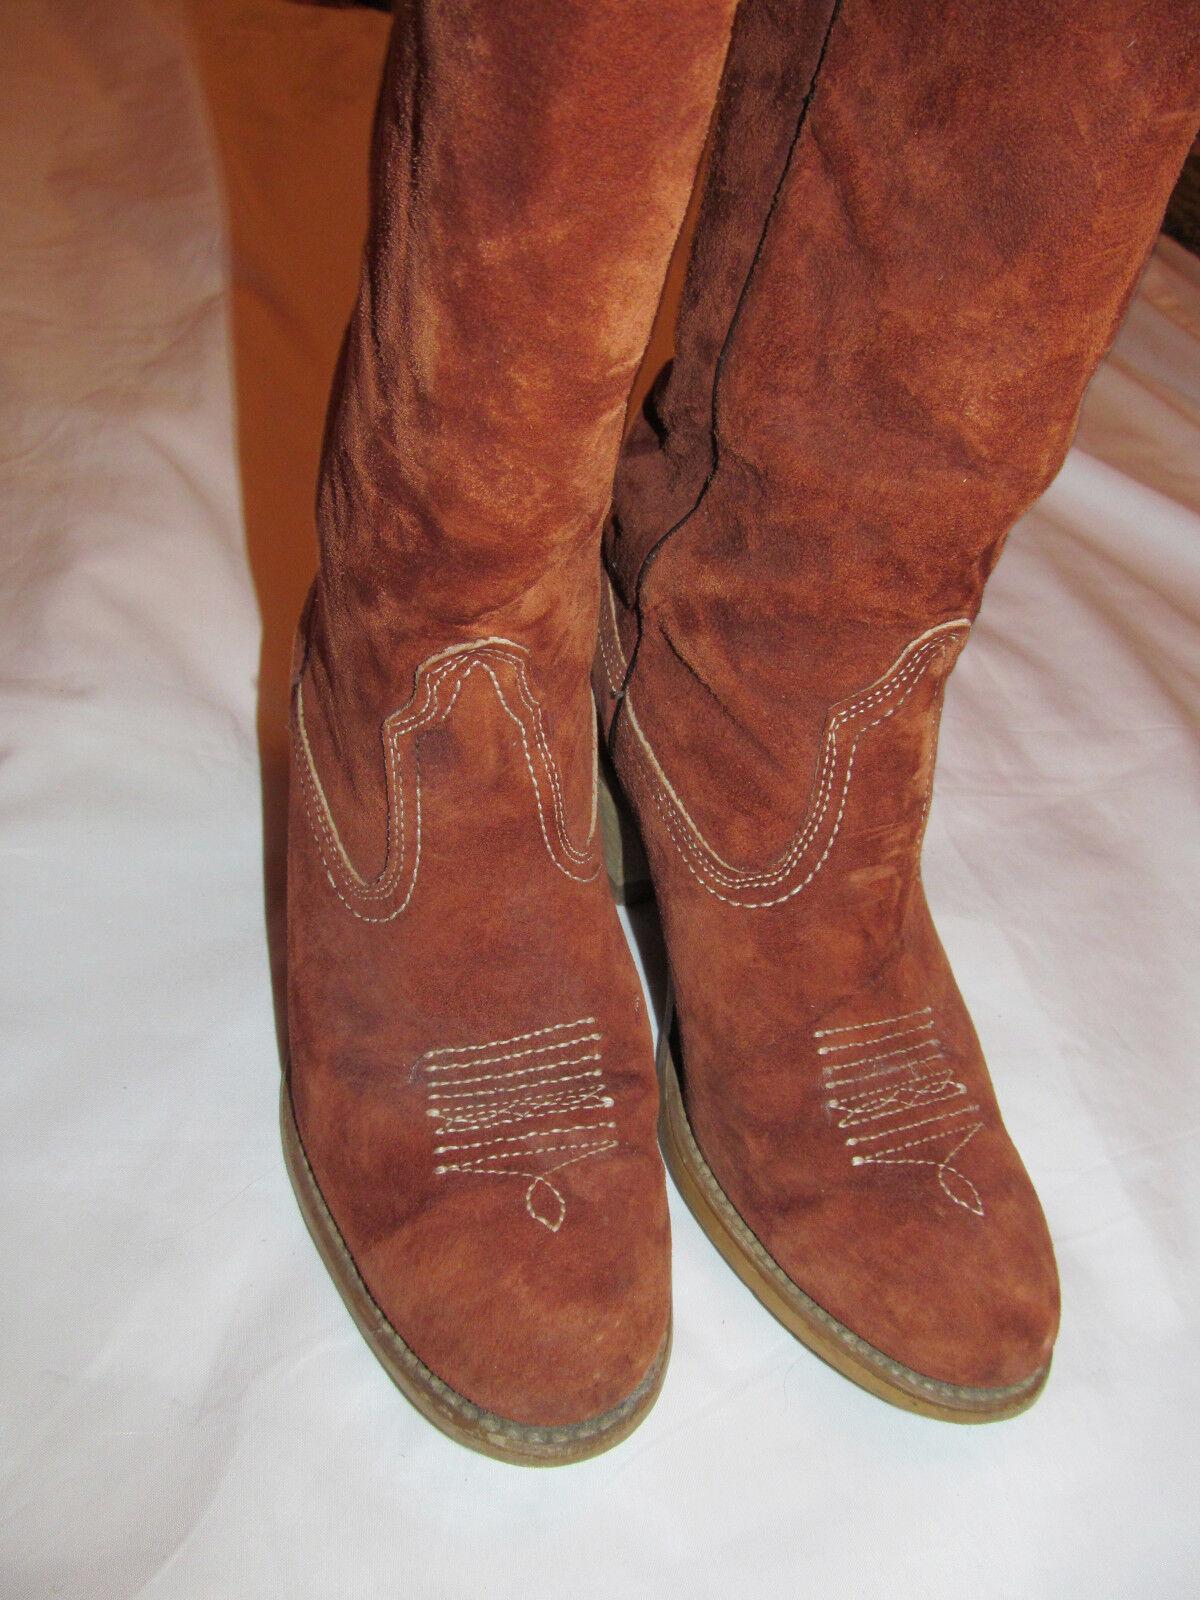 Vintage 70's WOLVERINE suede caramel heel Braun cowboy cowgirl high heel caramel Stiefel 6 M 556712